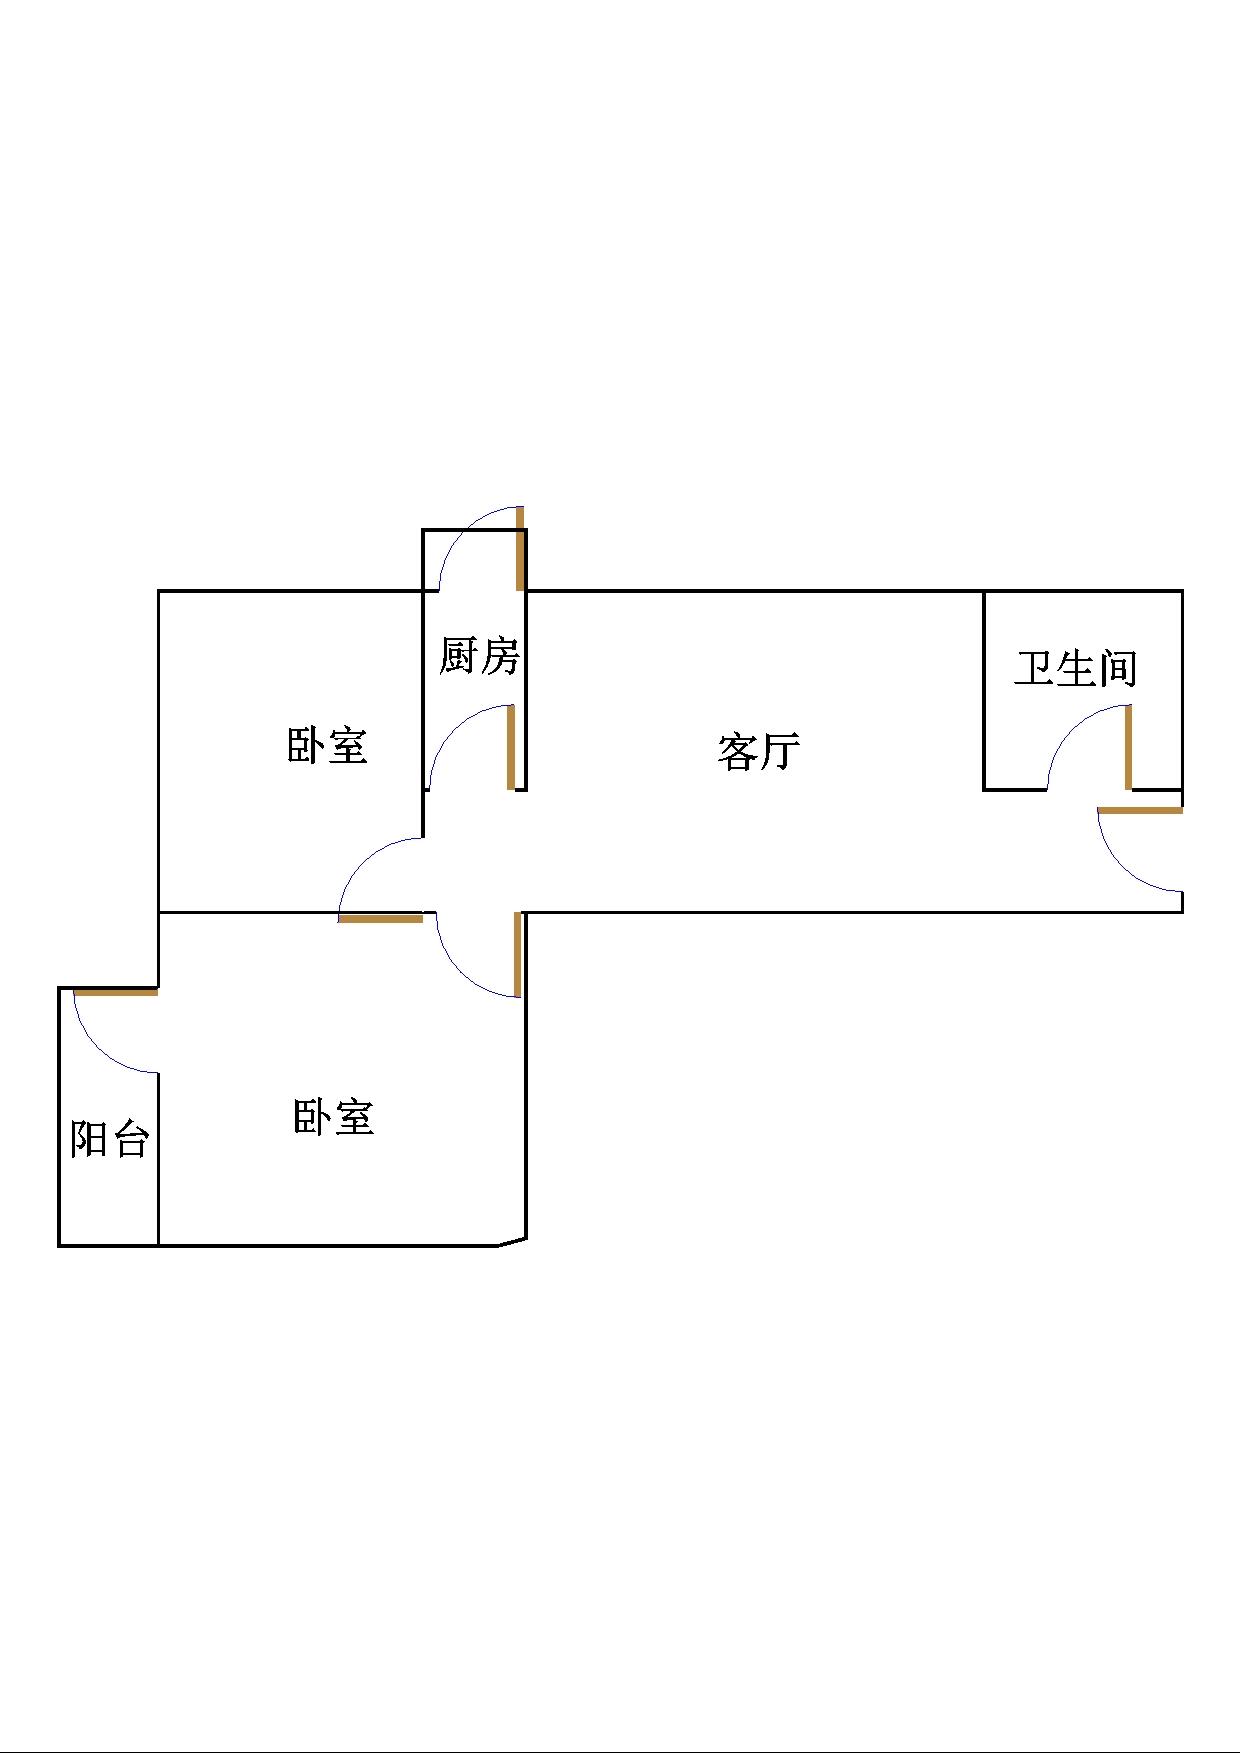 晶峰宿舍 2室2厅  简装 70万